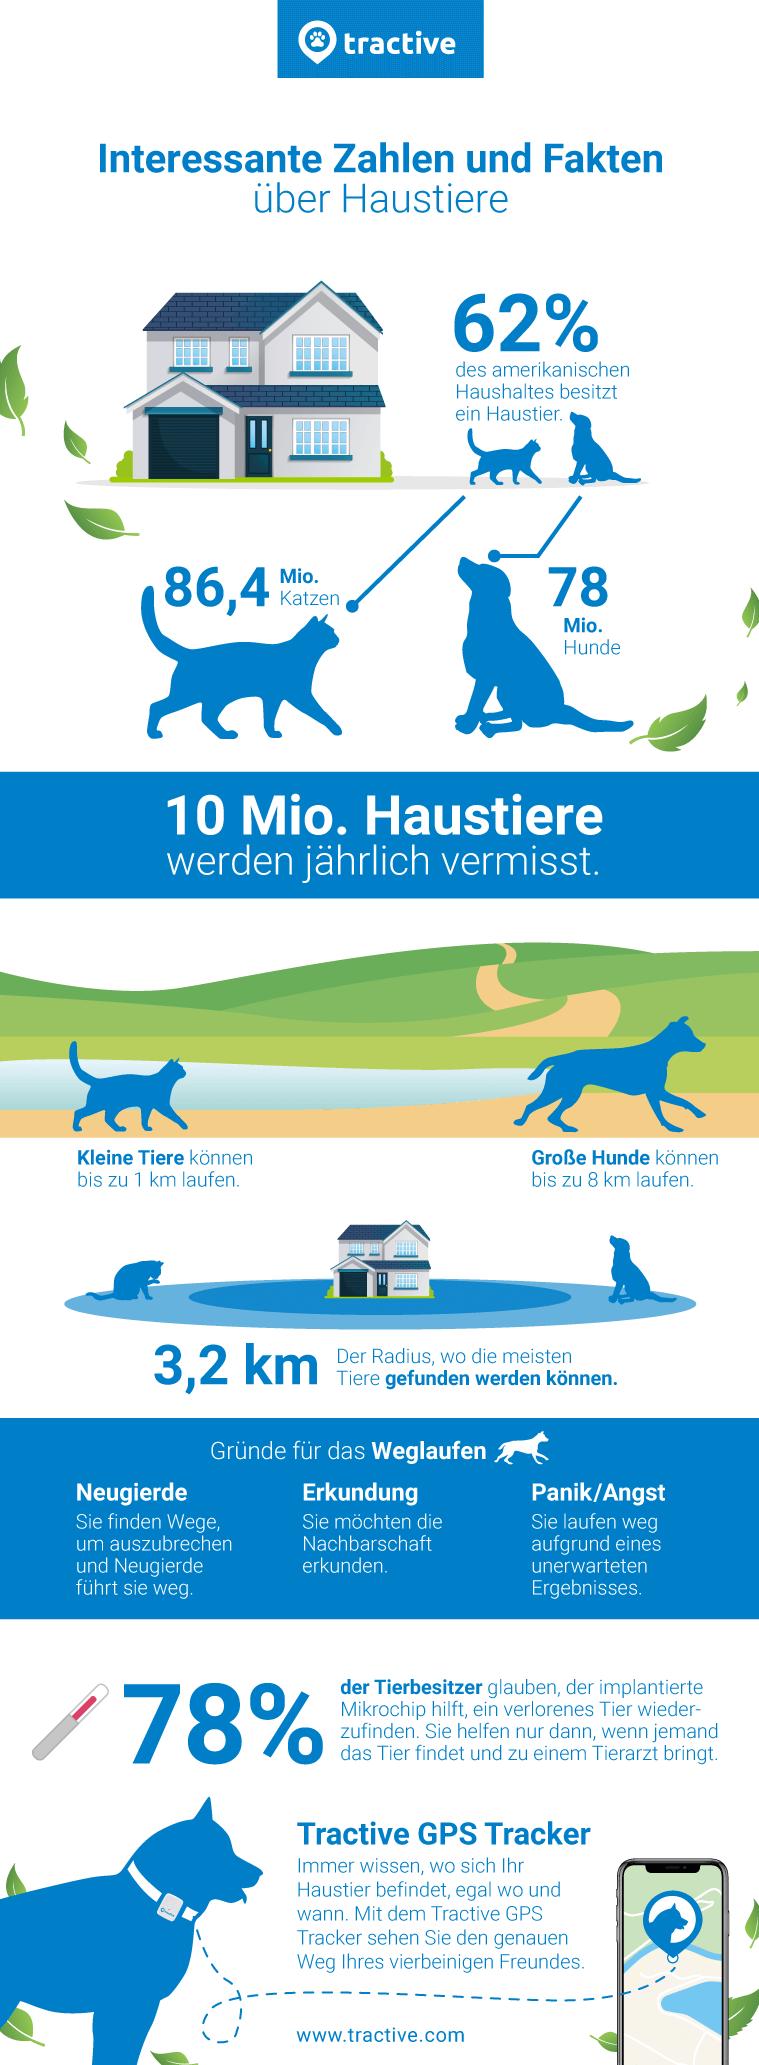 Übersicht zu Zahlen und Fakten von Hunden